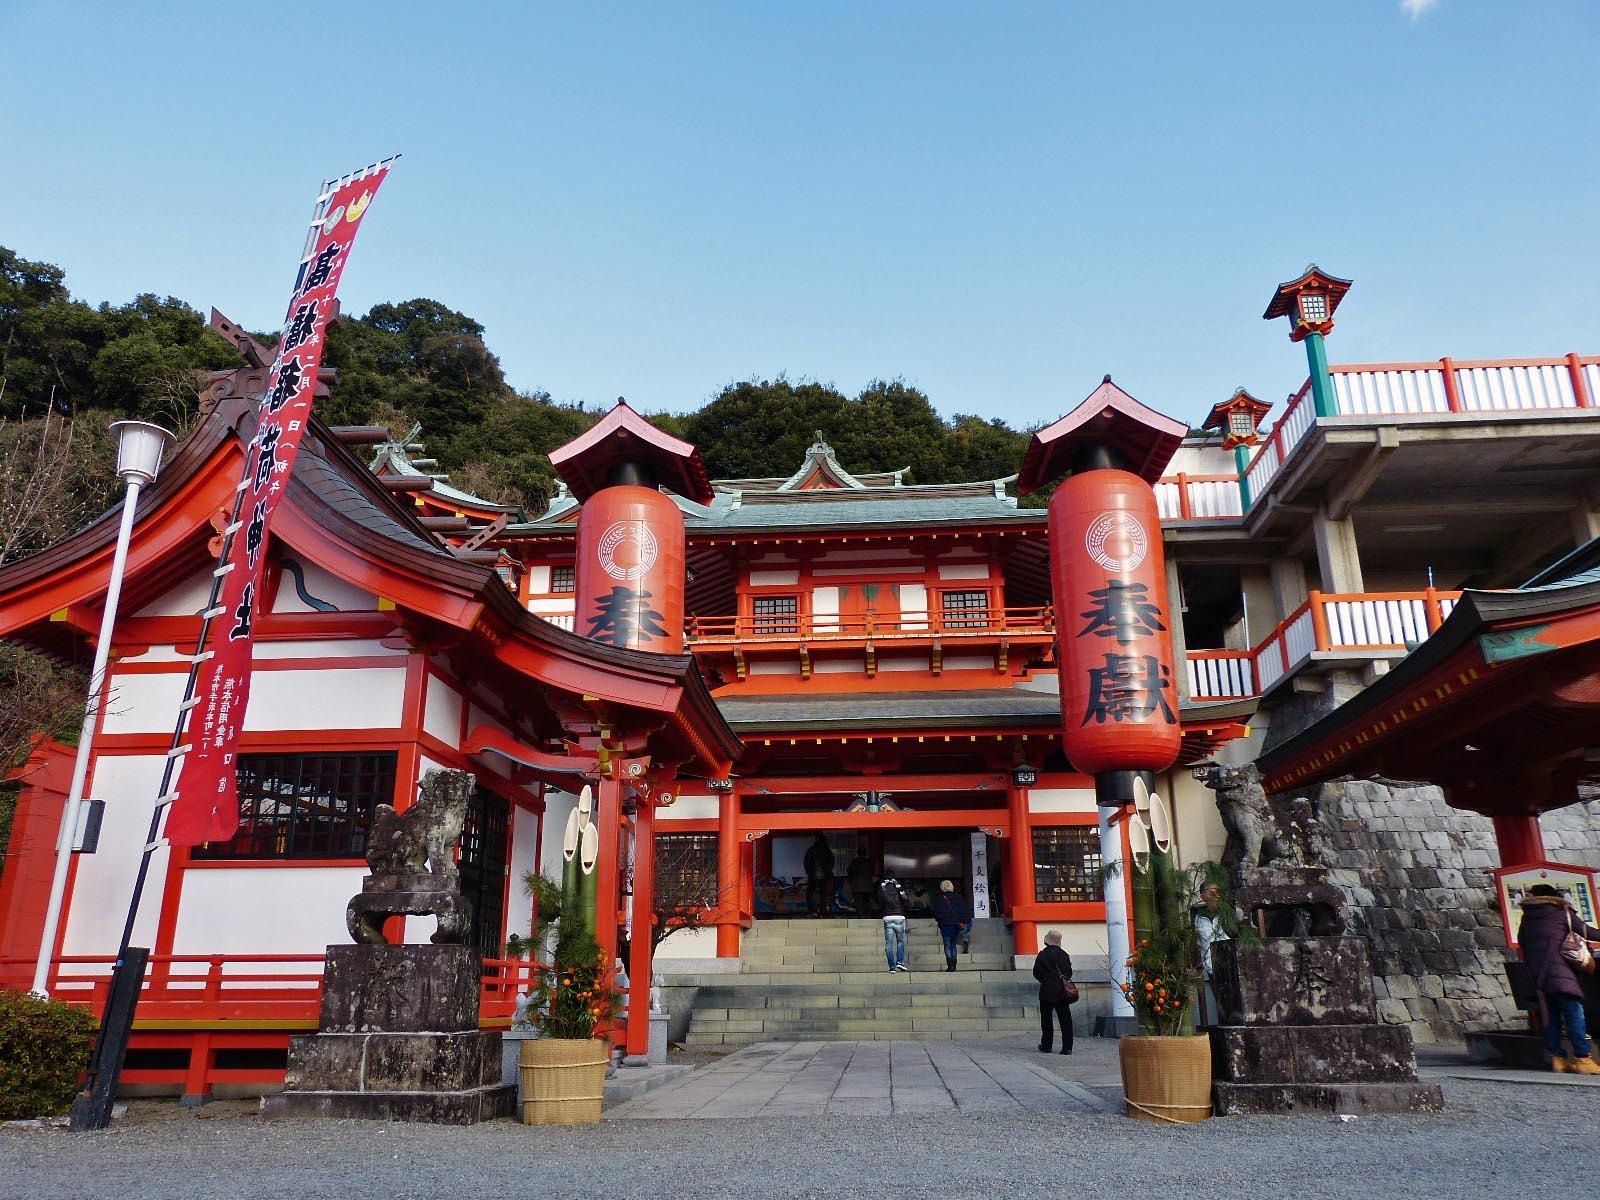 takahashi_inari_jinja_03.jpg